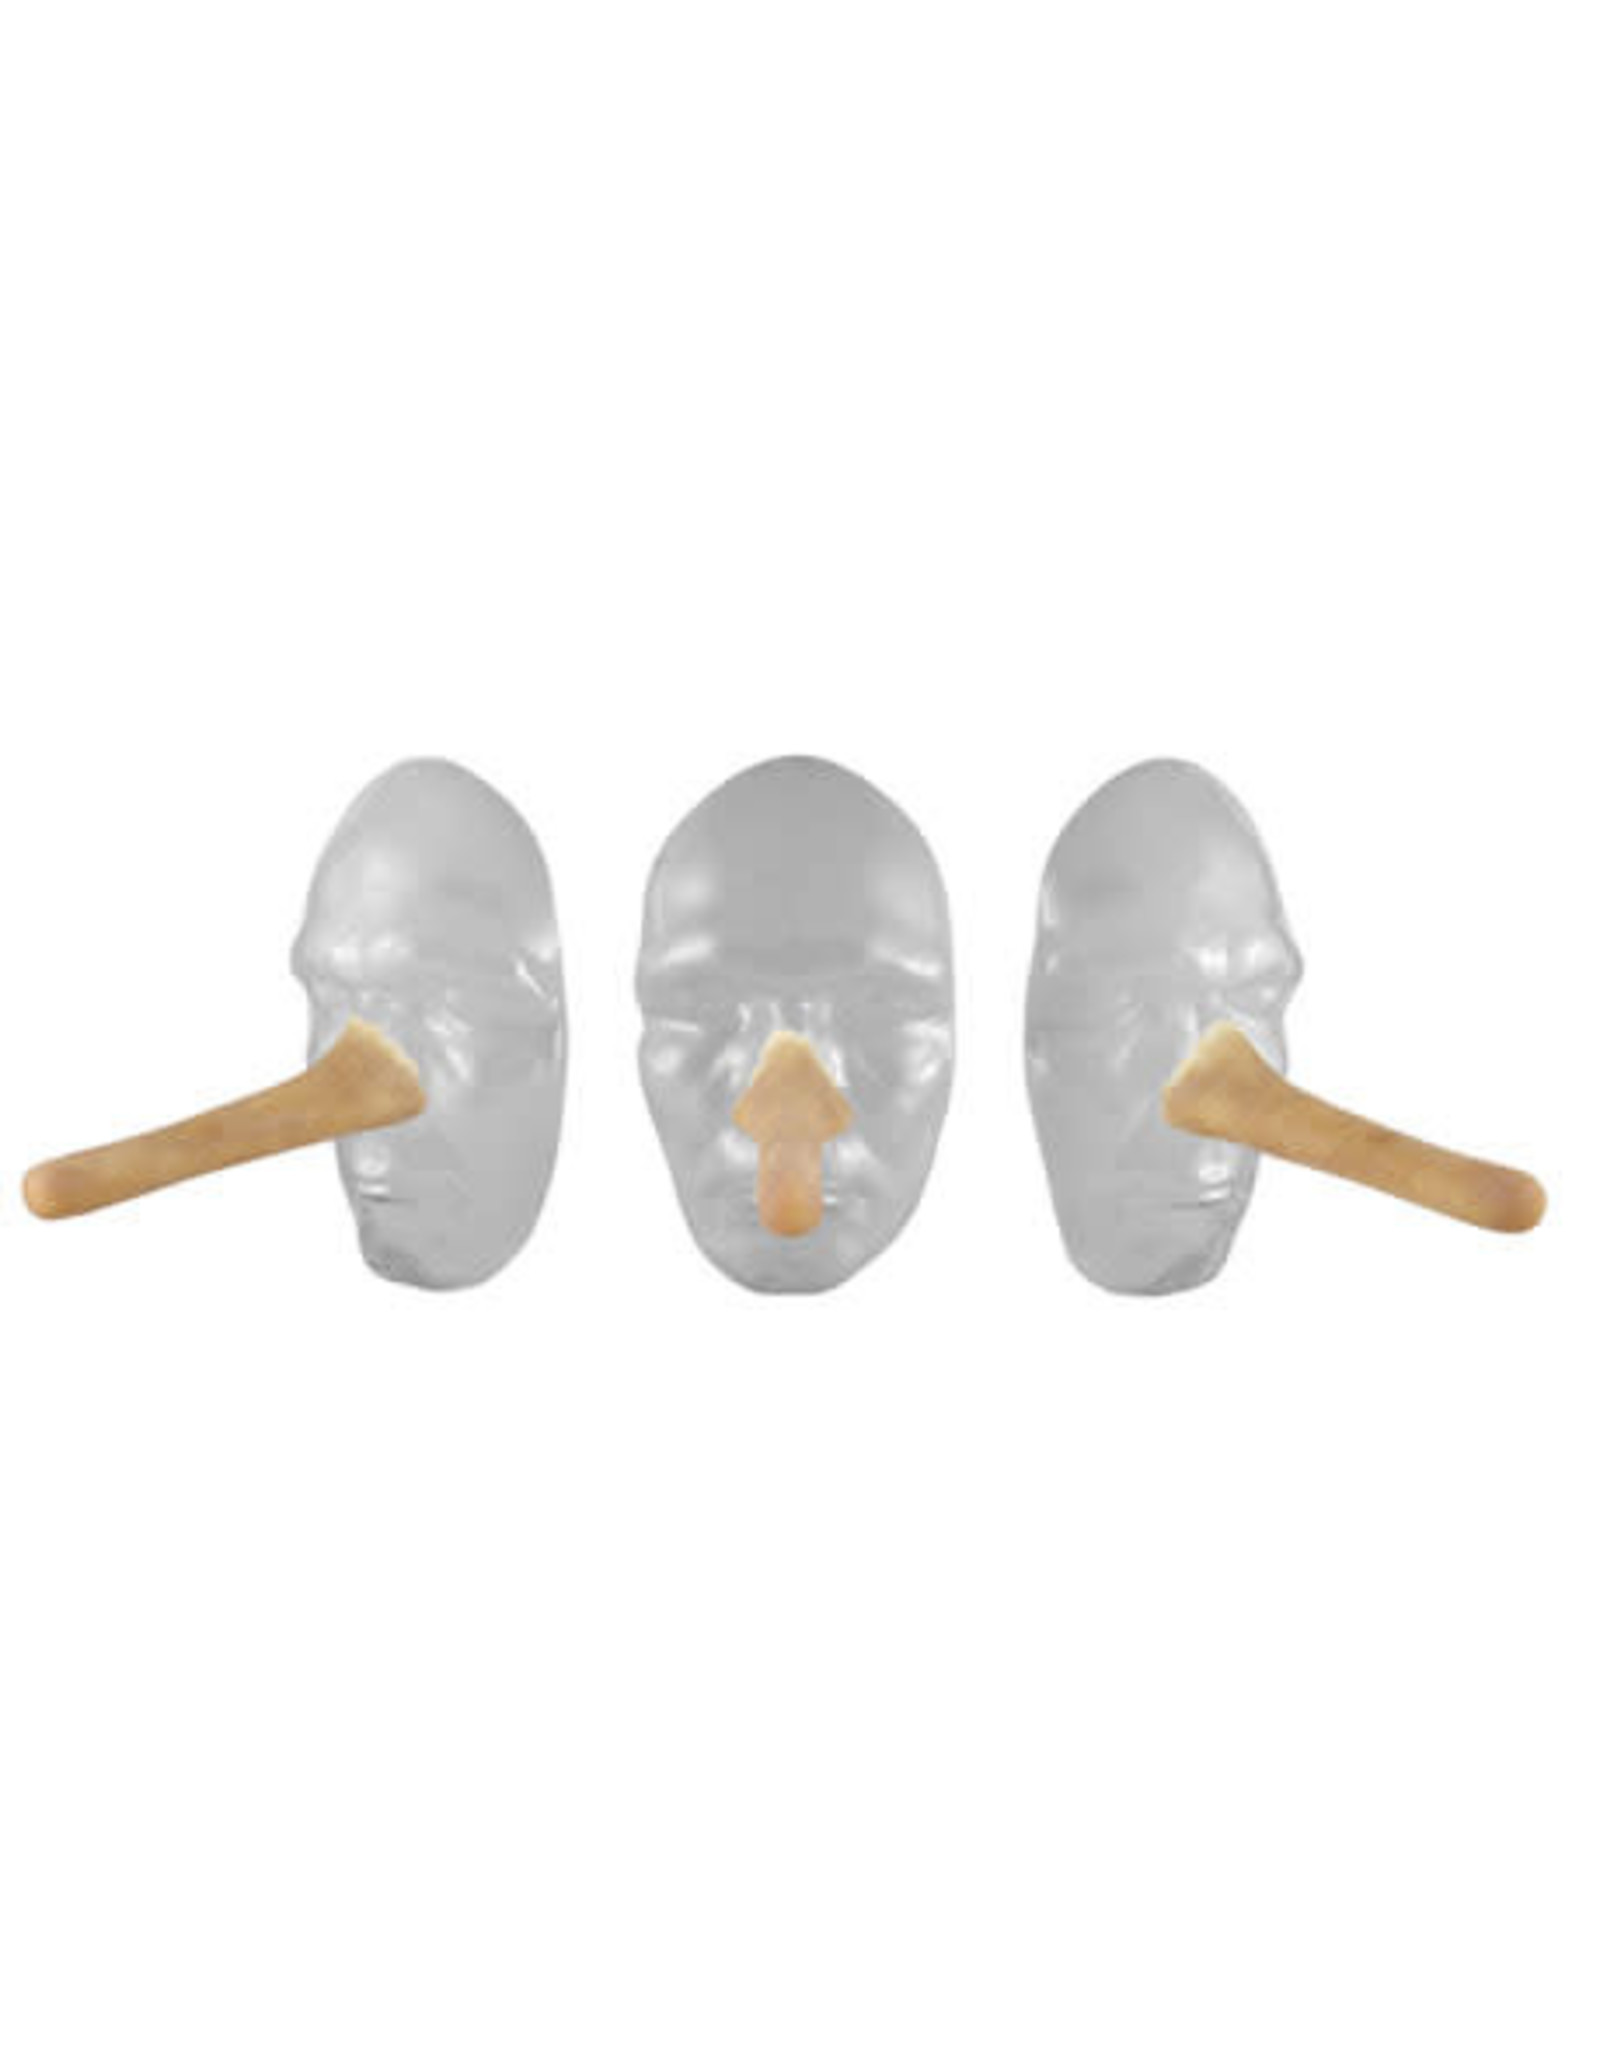 Grimas LATEX NOSE 113 Pinokkio neus groot